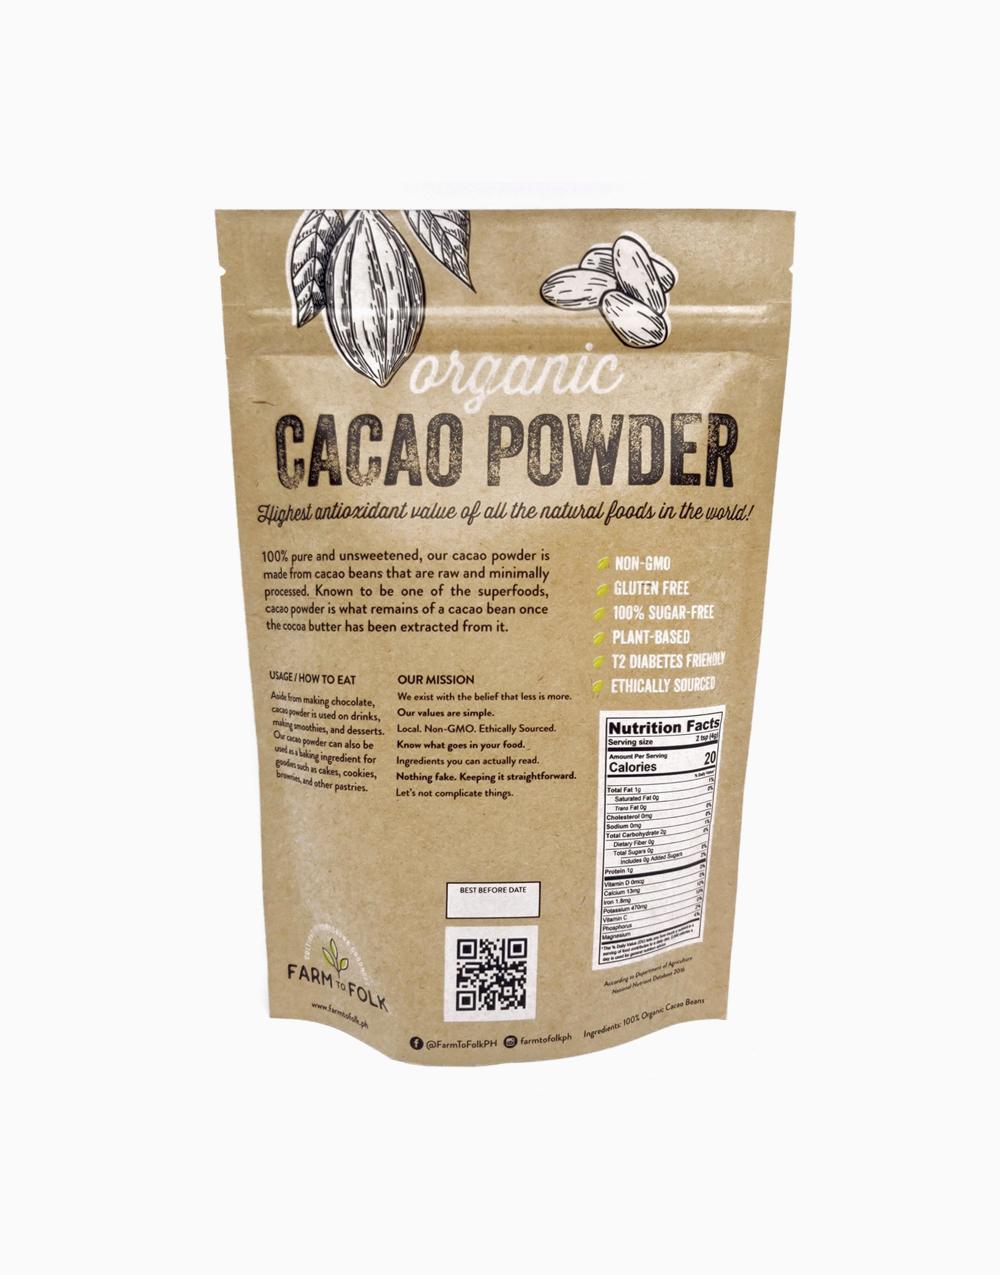 Organic Cacao Powder (450g) by Farm to Folk